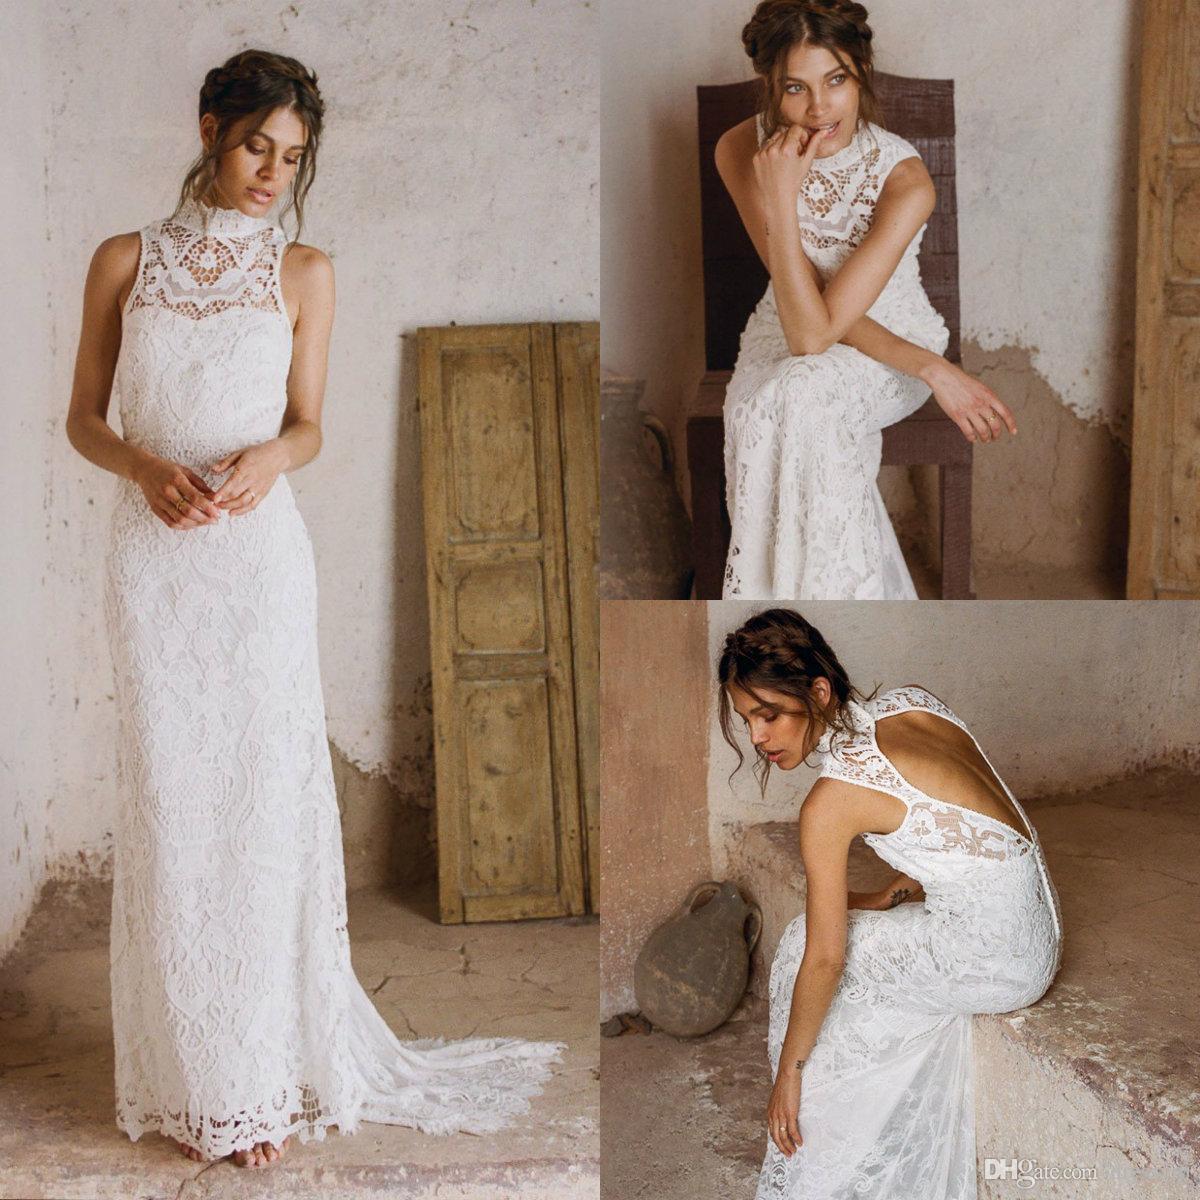 2019 Land-Hochzeits-Kleider High Neck hohlen Rücken Sweep Zug ärmelloses reizvolles Nixe-Hochzeits-Kleid-Garten-Strand-Brautkleider